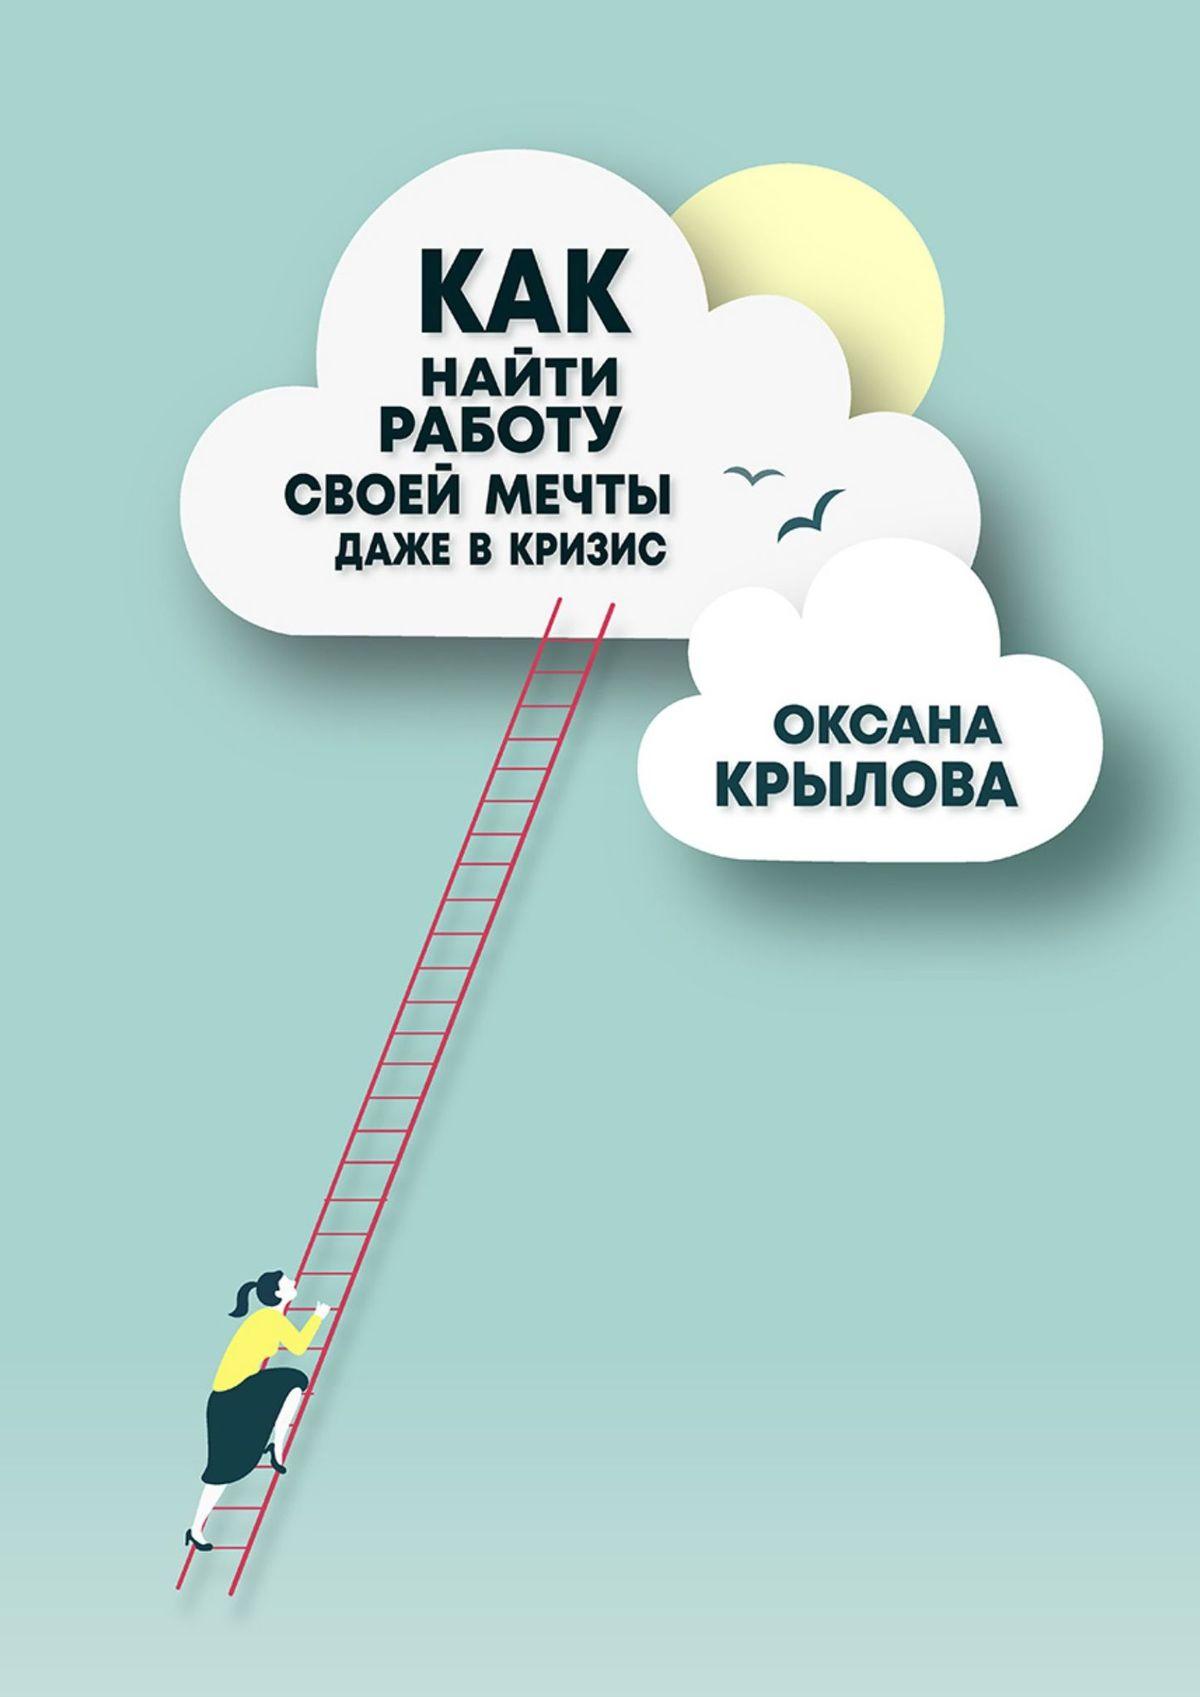 Оксана Крылова Как найти работу своей мечты даже в кризис? как найти работу энциклопедия